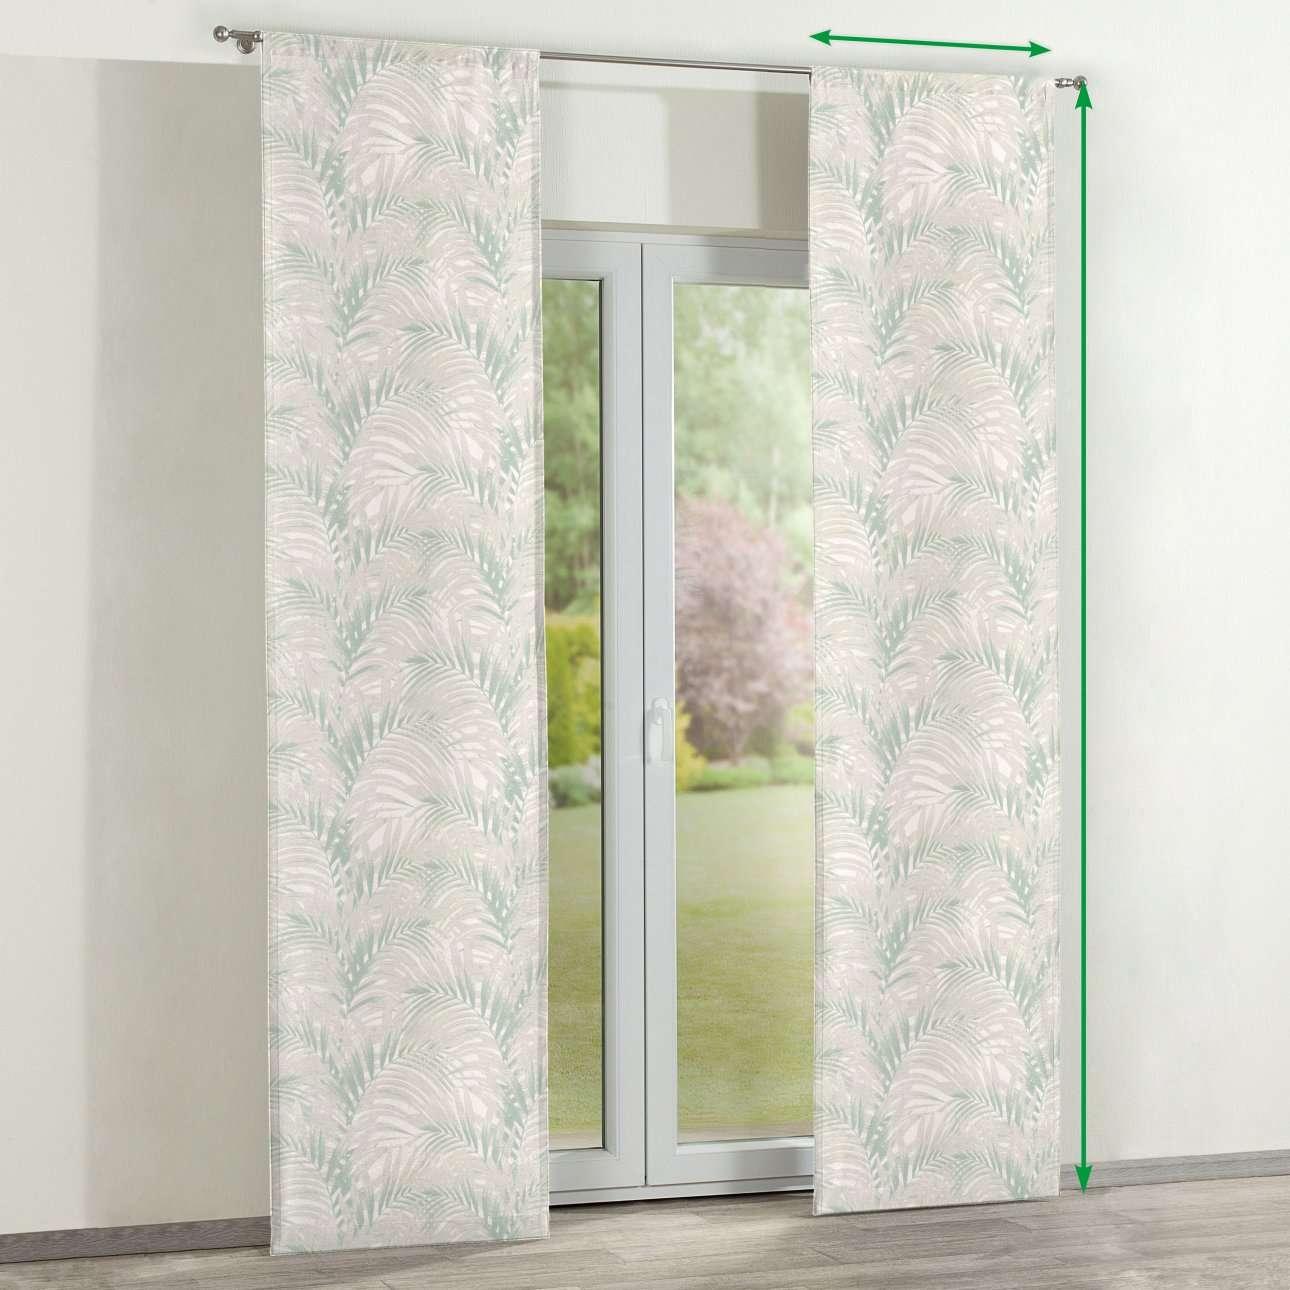 Panelové závesy 2 ks V kolekcii Gardenia, tkanina: 142-15